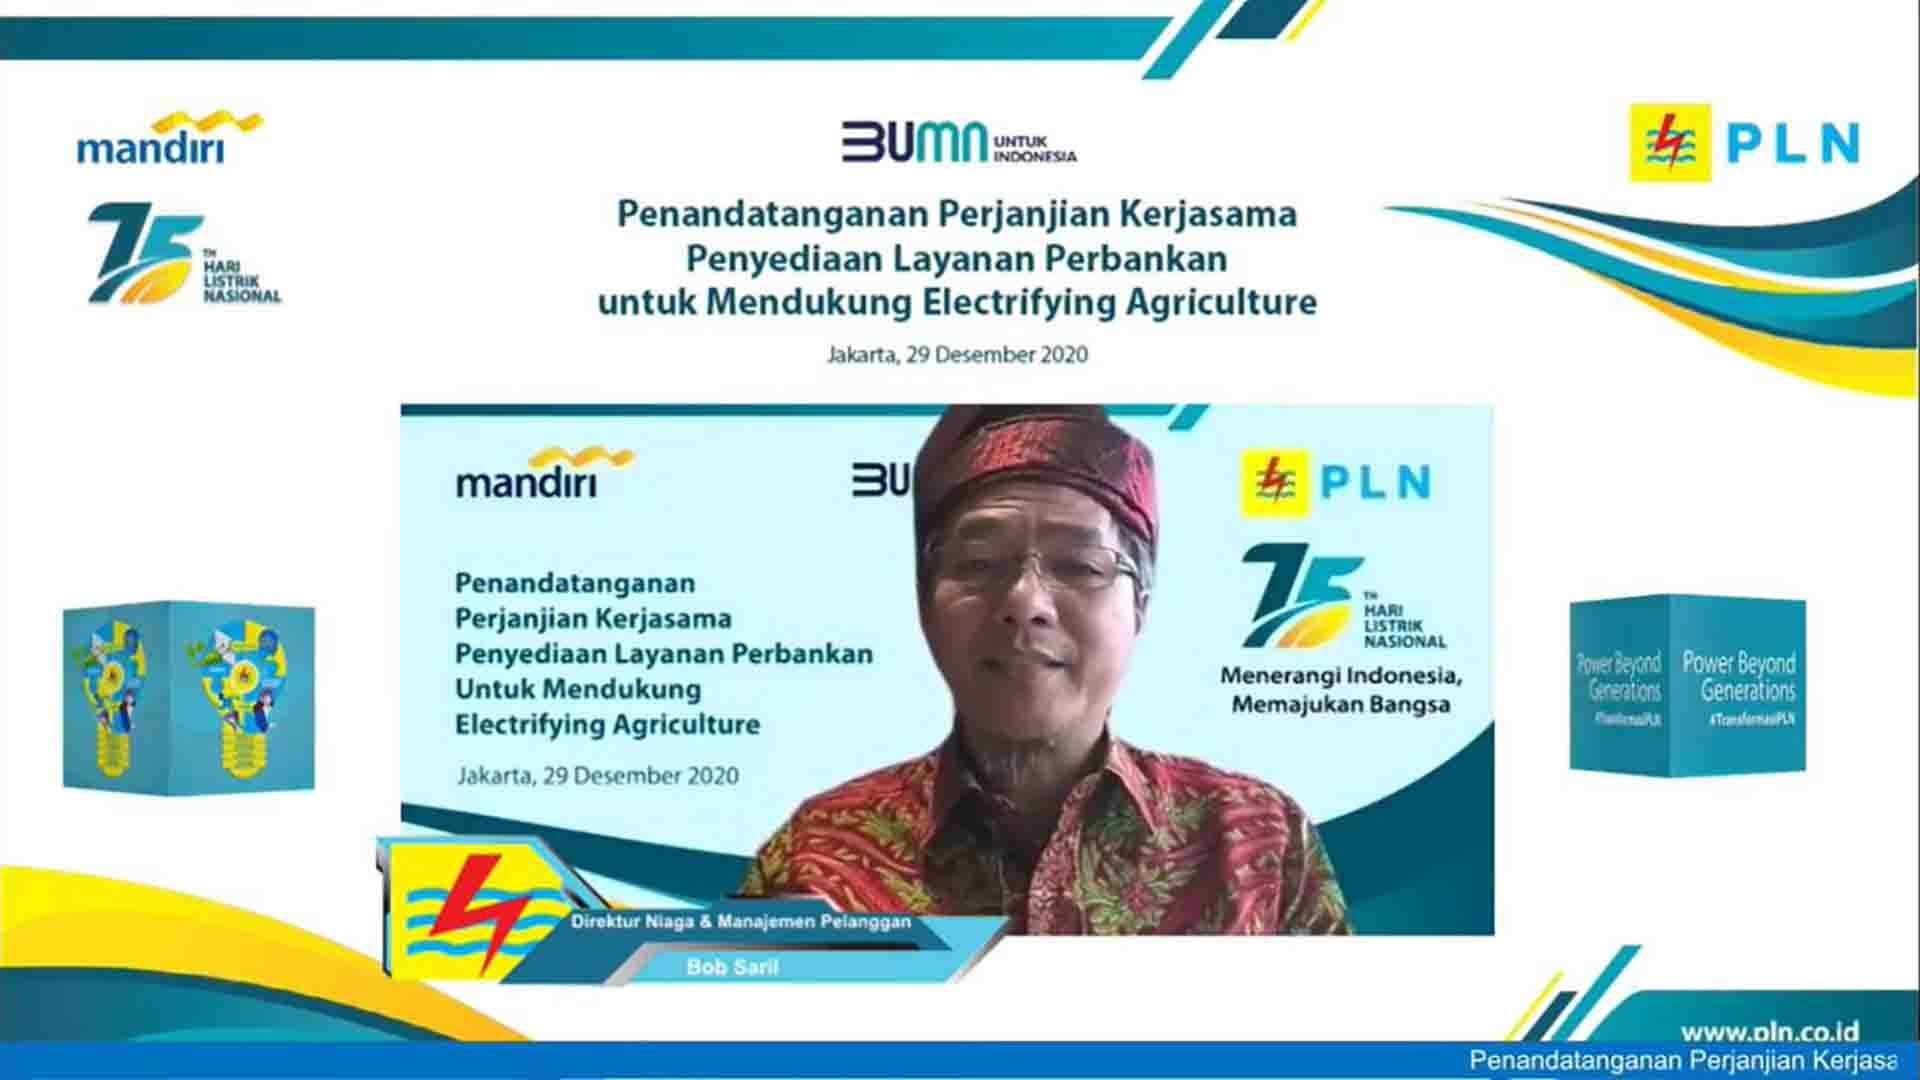 Penandatanganan perjanjian kerja sama penyediaan layanan Perbankan untuk mendukung electrifying agriculture yang dilakukan secara daring.